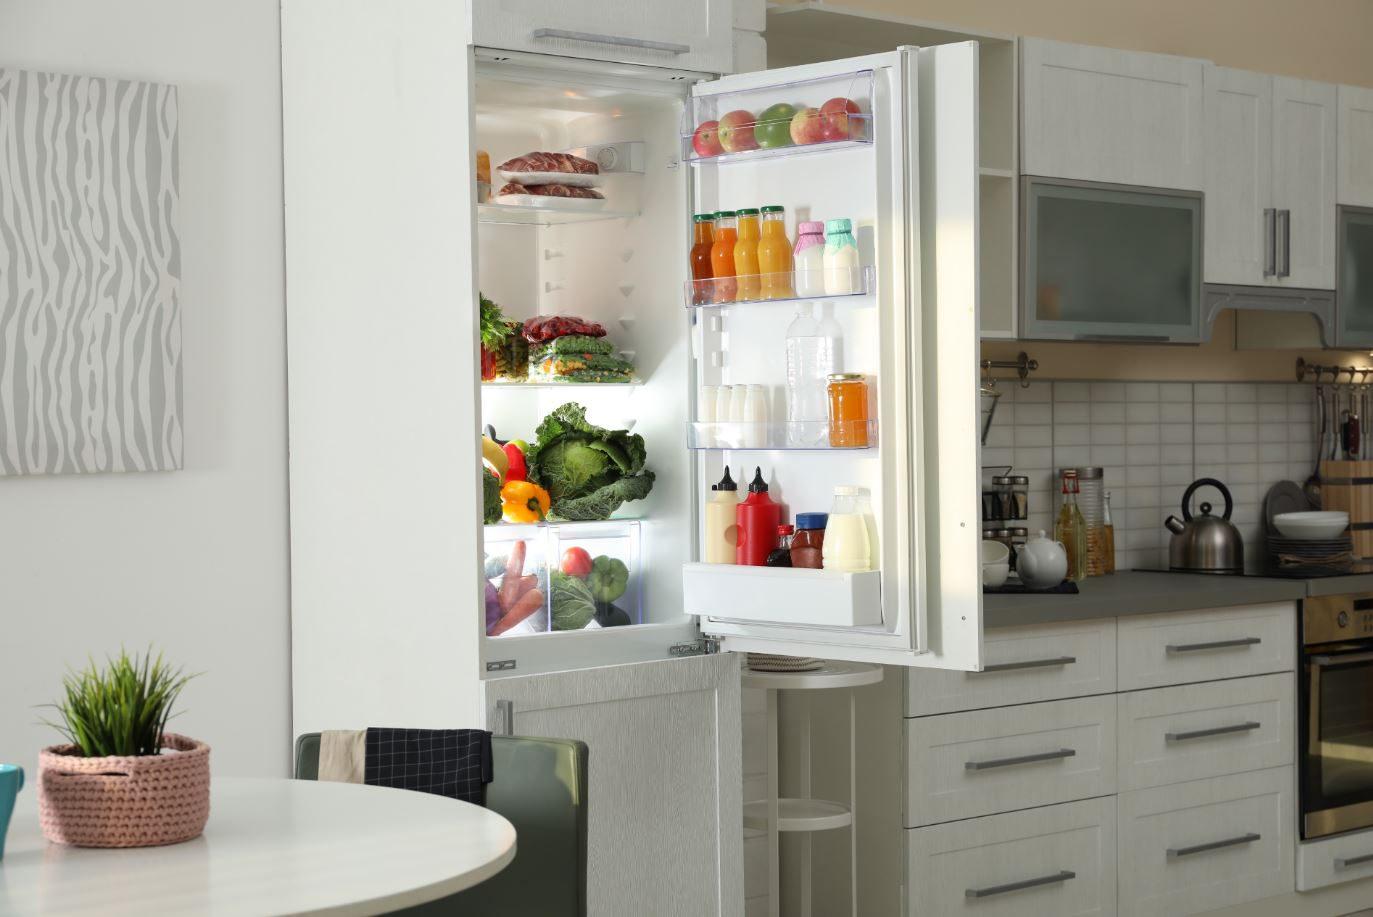 การเก็บรักษาอาหารภายในตู้เย็นให้สดใหม่ตลอดเวลา